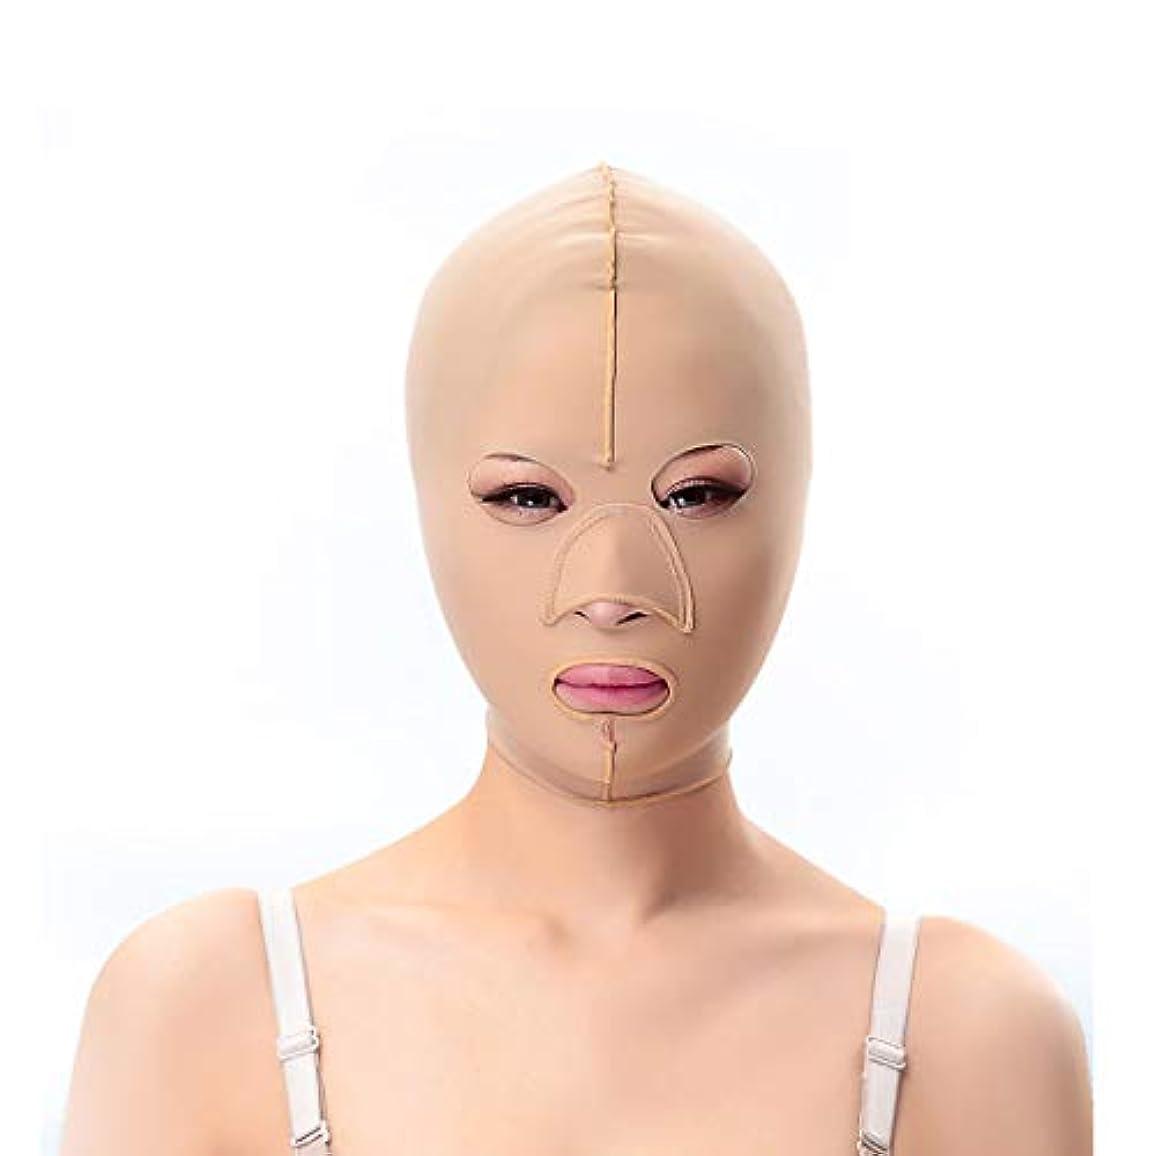 工業化する革命的パイル痩身ベルト、フェイシャルマスク薄いフェイスマスクを脇に持ち上げる二重あご引き締め顔面プラスチックフェイスアーティファクト強力なフェイス包帯 (Size : S)